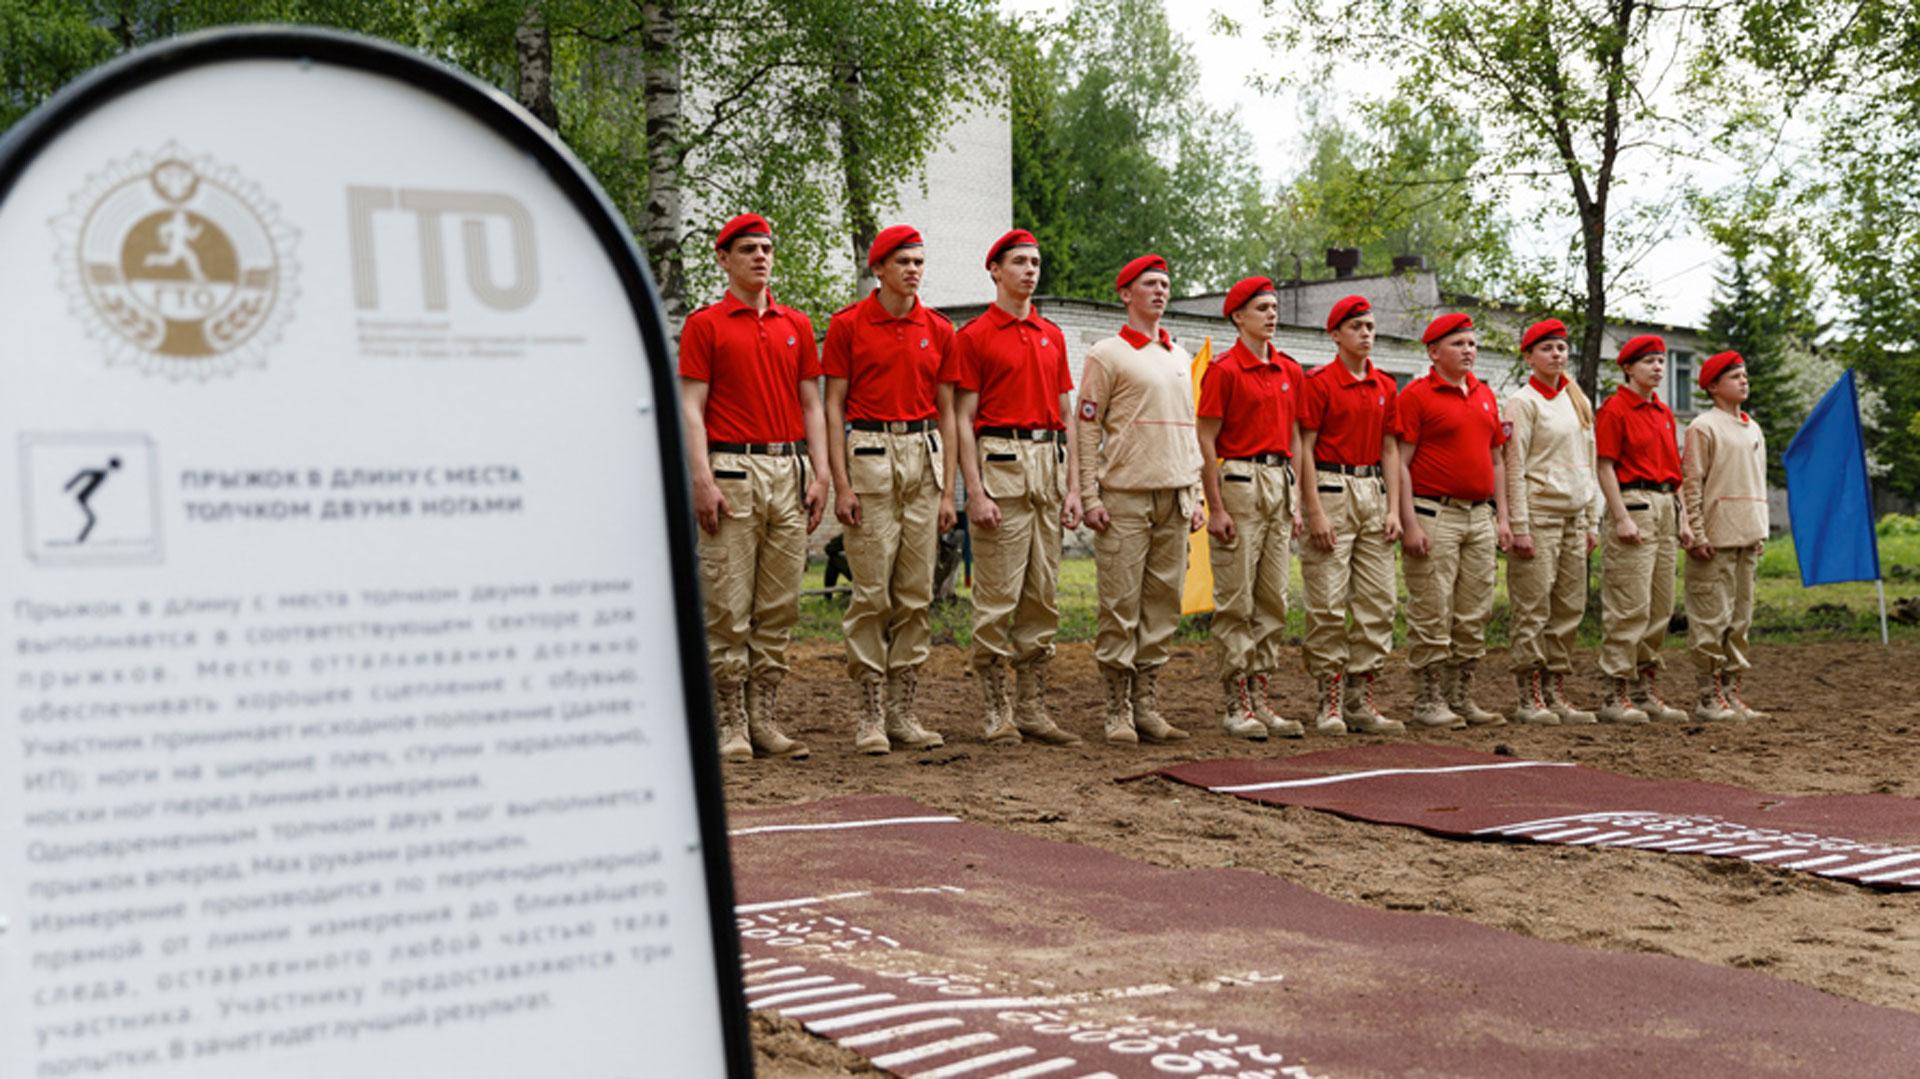 Tendrán un cuartel general y una bandera que los identifique